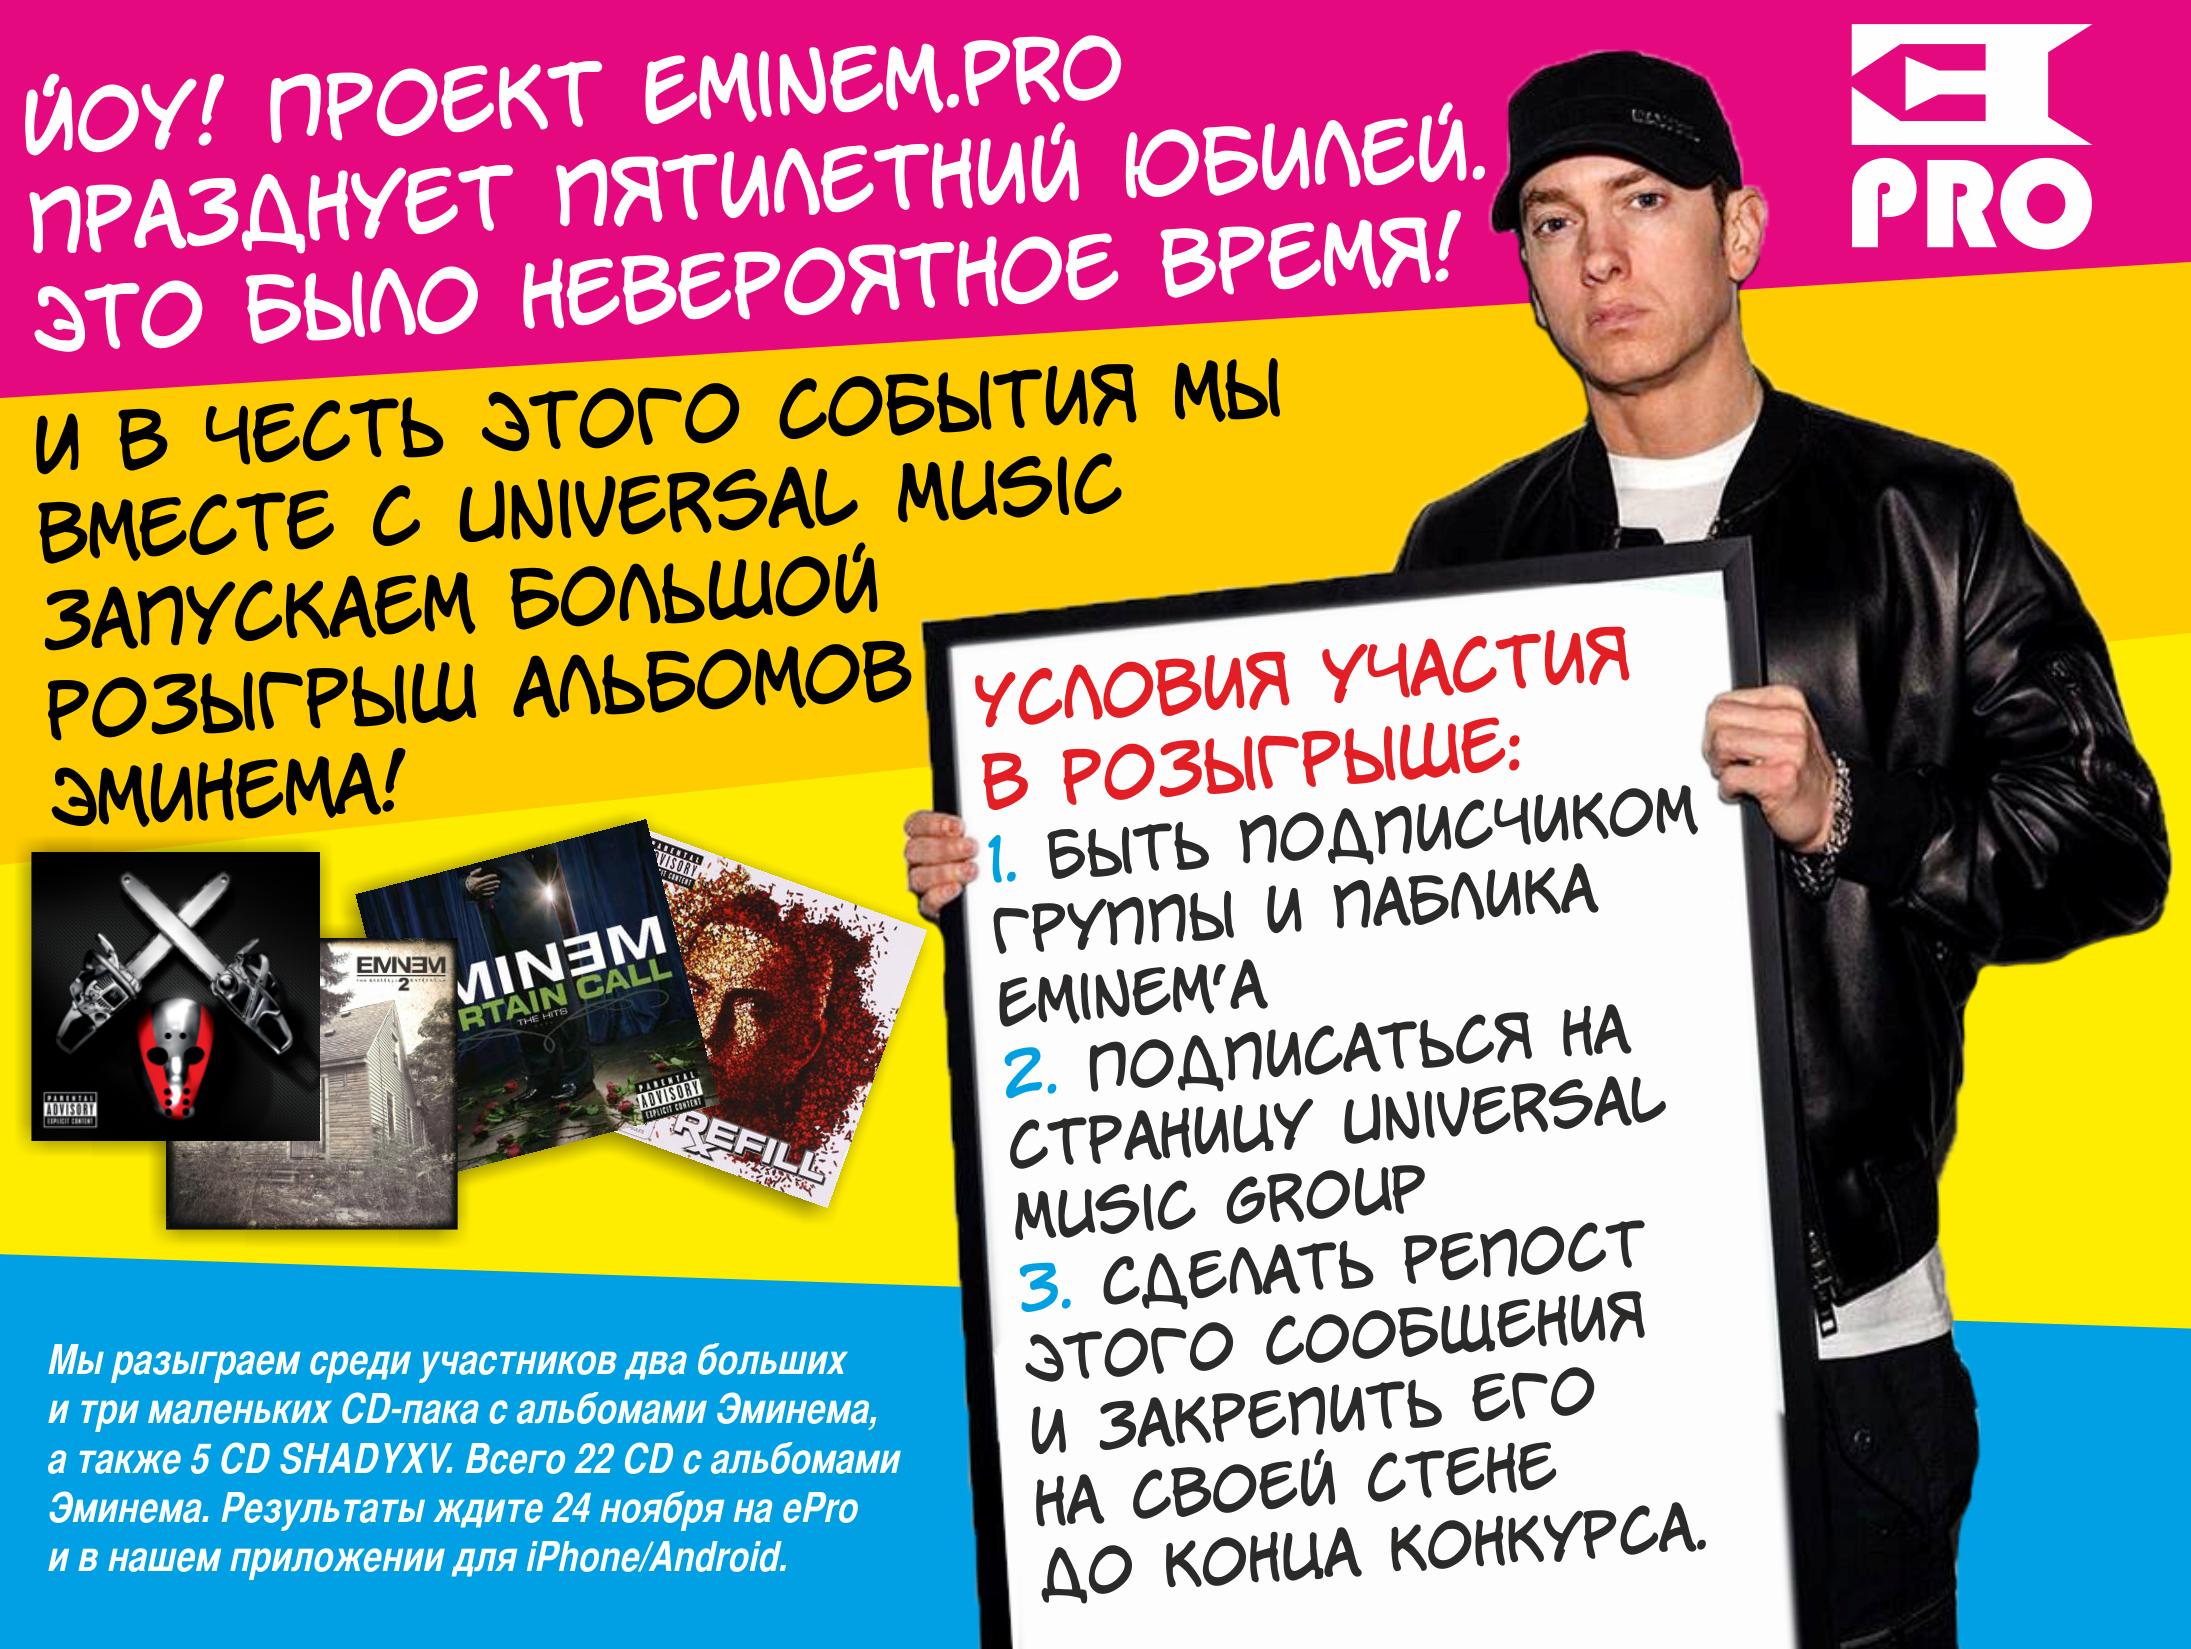 Большой розыгрыш альбомов Эминема в честь пятилетнего юбилея «Eminem.Pro»